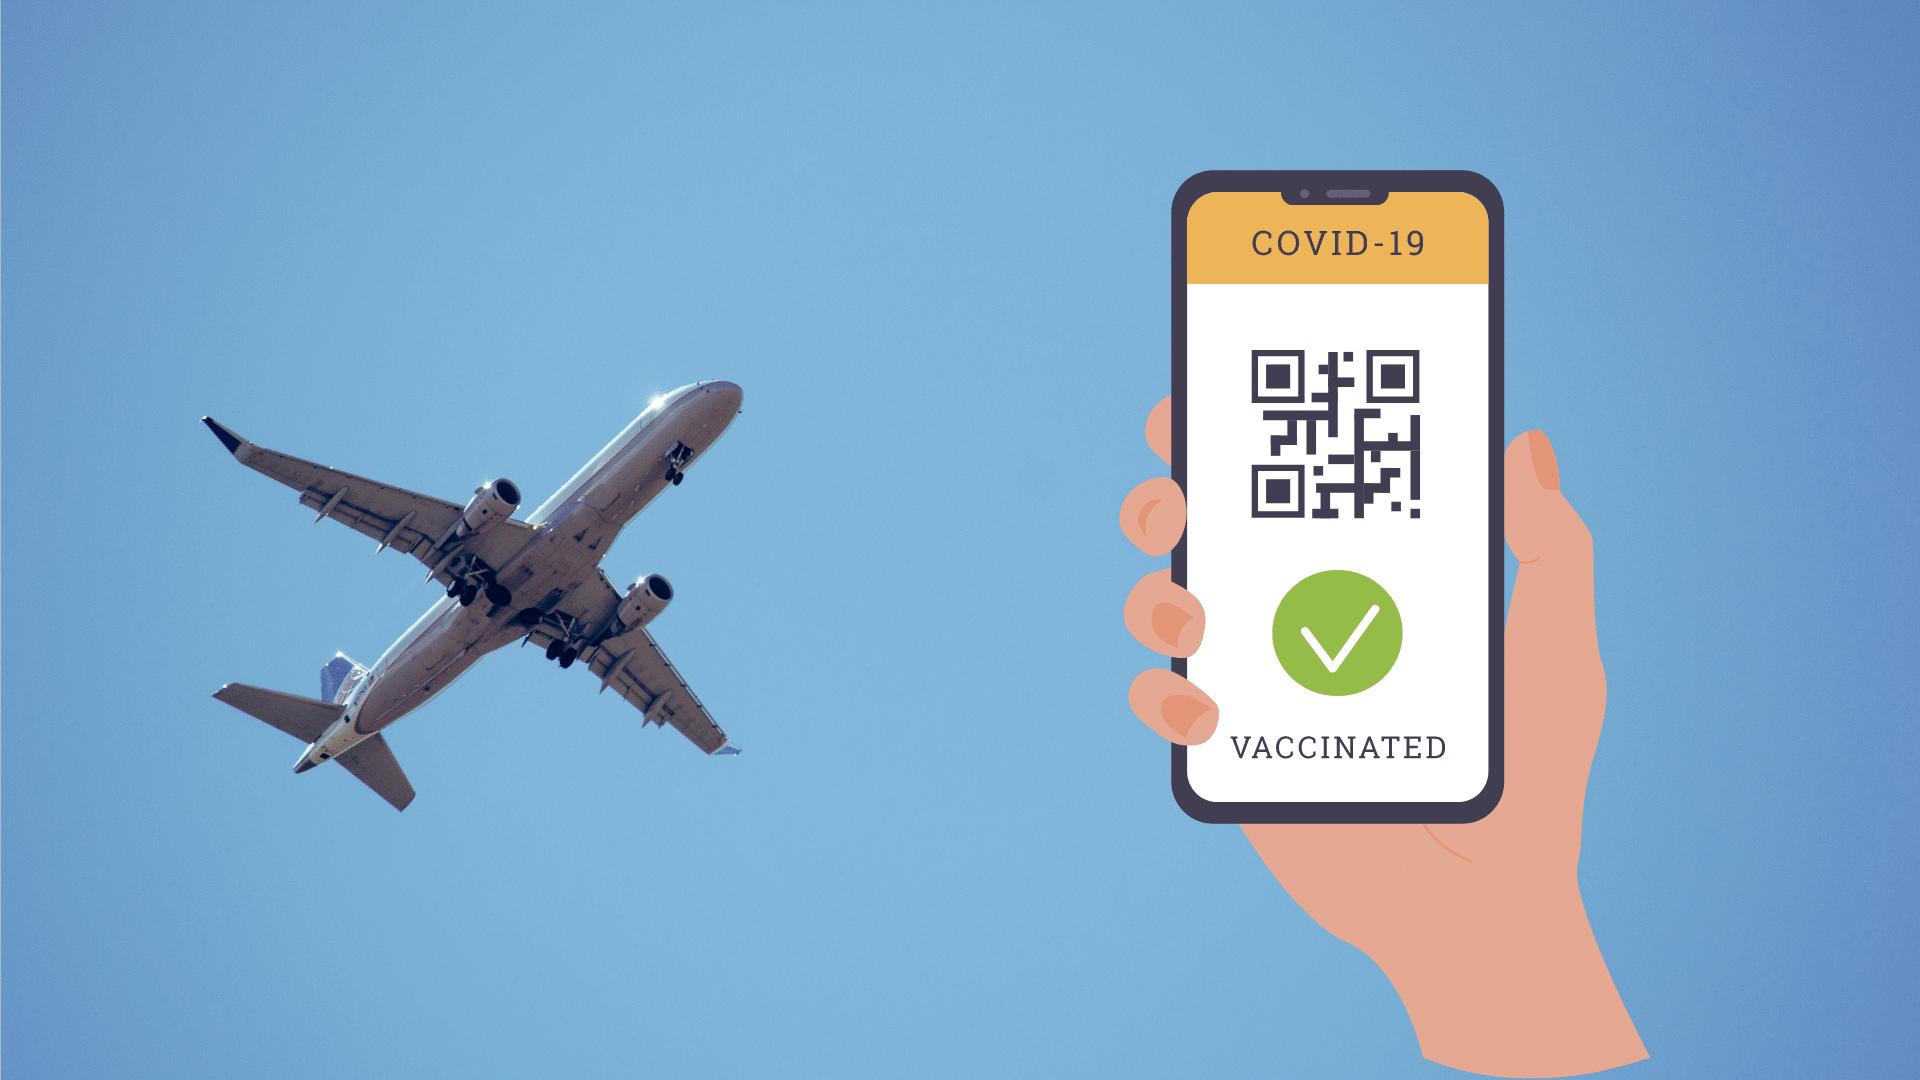 Unterzeichnung Der Verordnung Uber Das Digitale Covid Zertifikat Der Eu Europe Direct Magdeburg